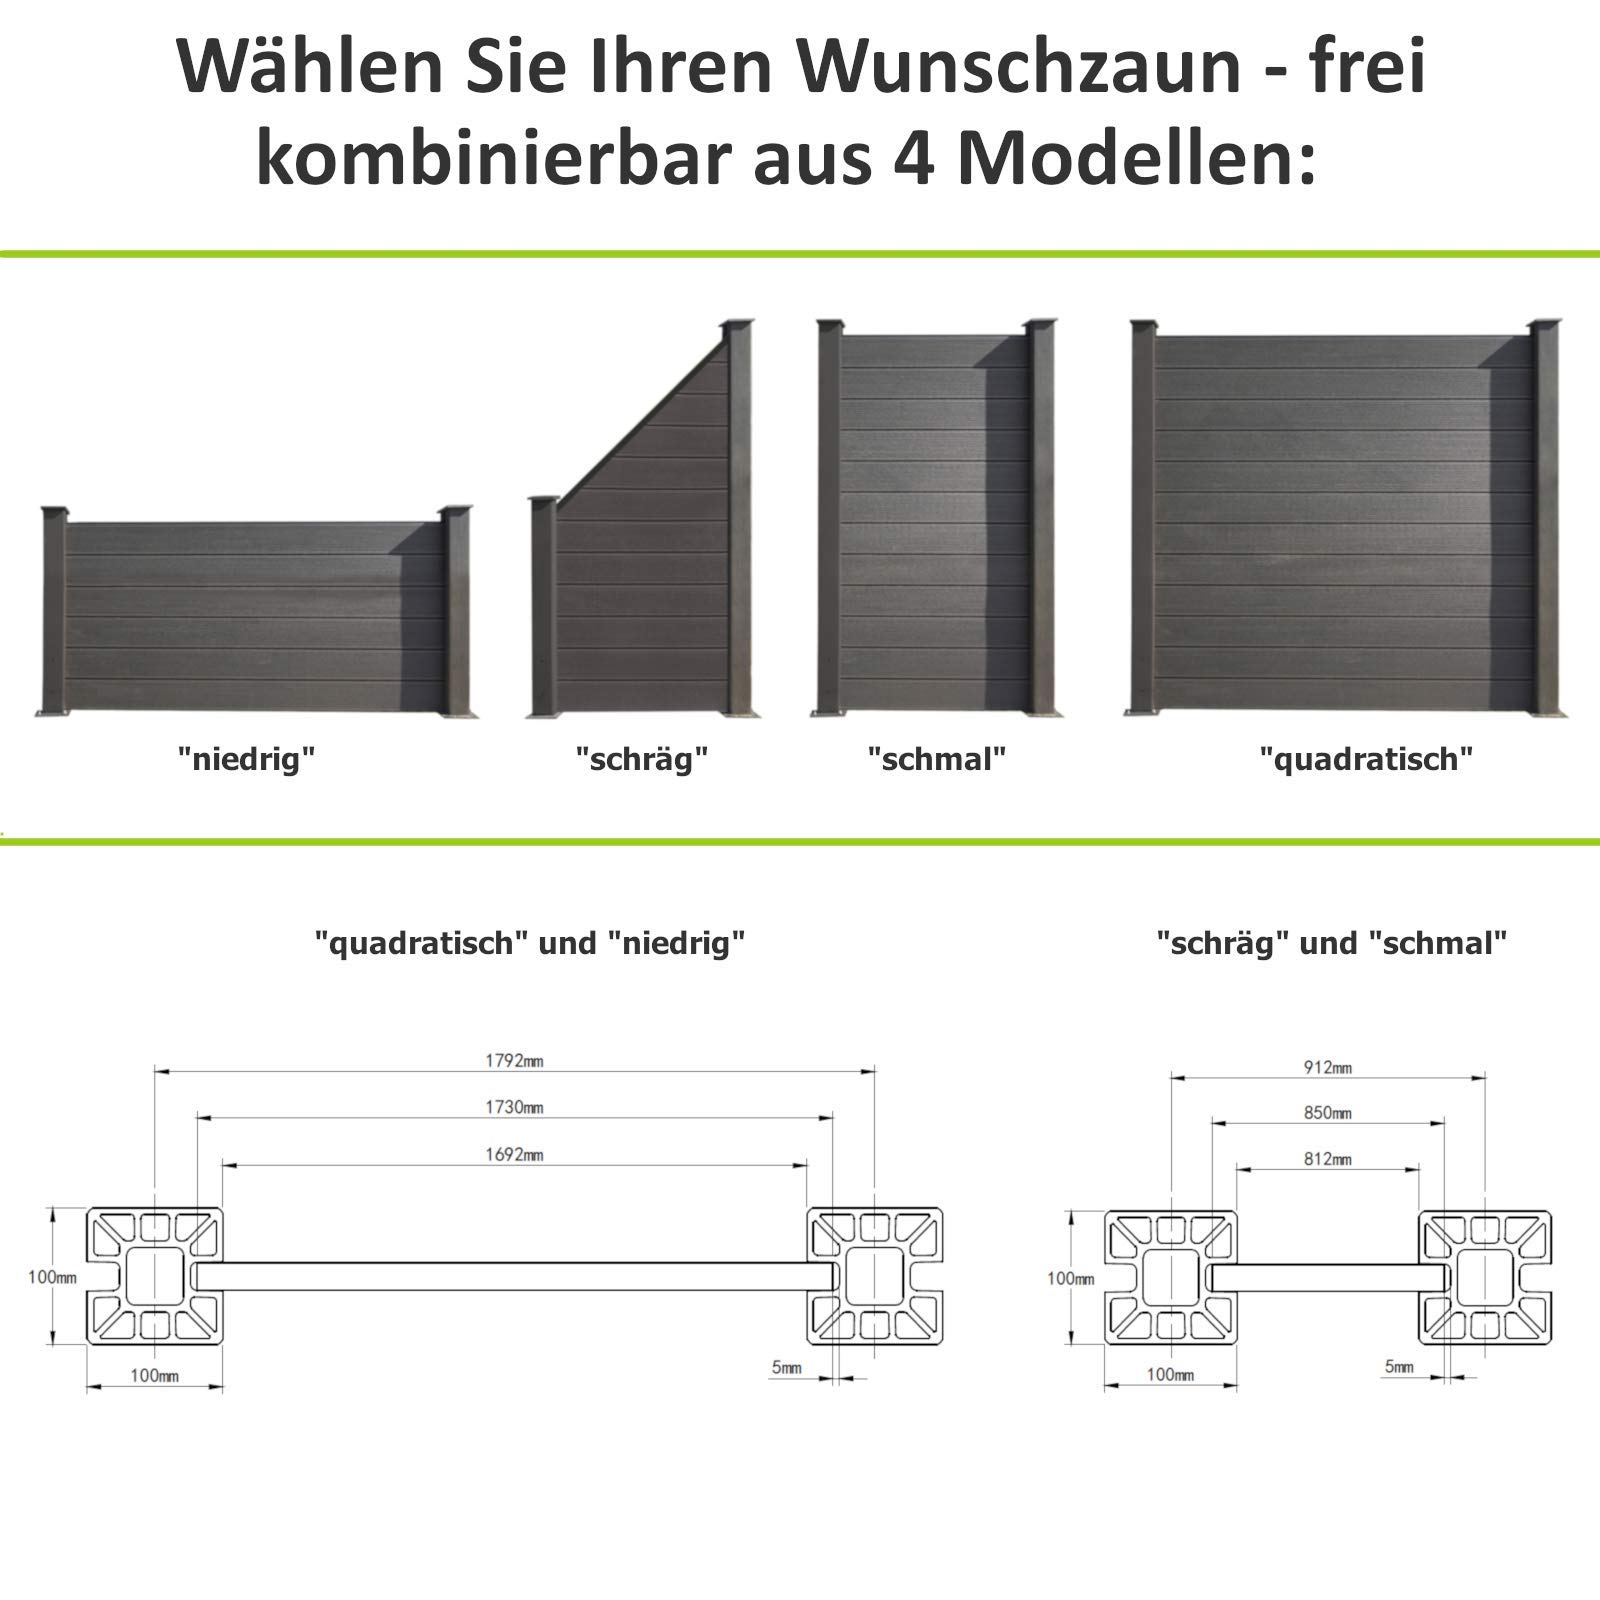 Hori Wpc Zaun Design L Sichtschutz Zaun Gartenzaun Komplettset L